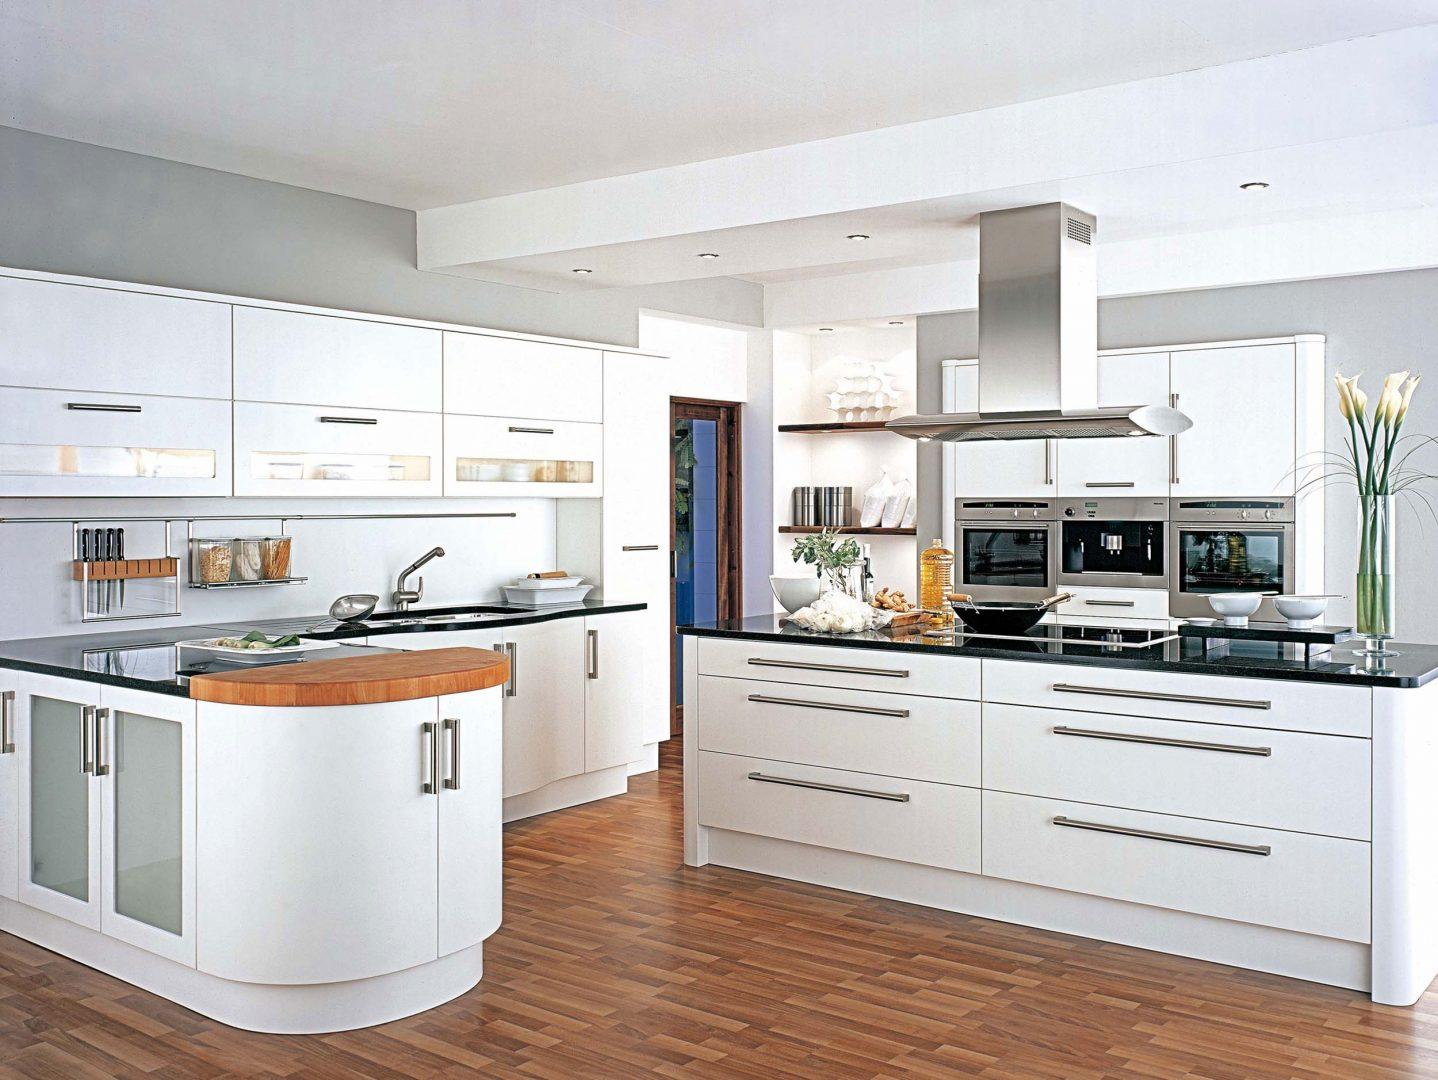 cocina moderna de tonos blancos - Cocinas Blancas Modernas